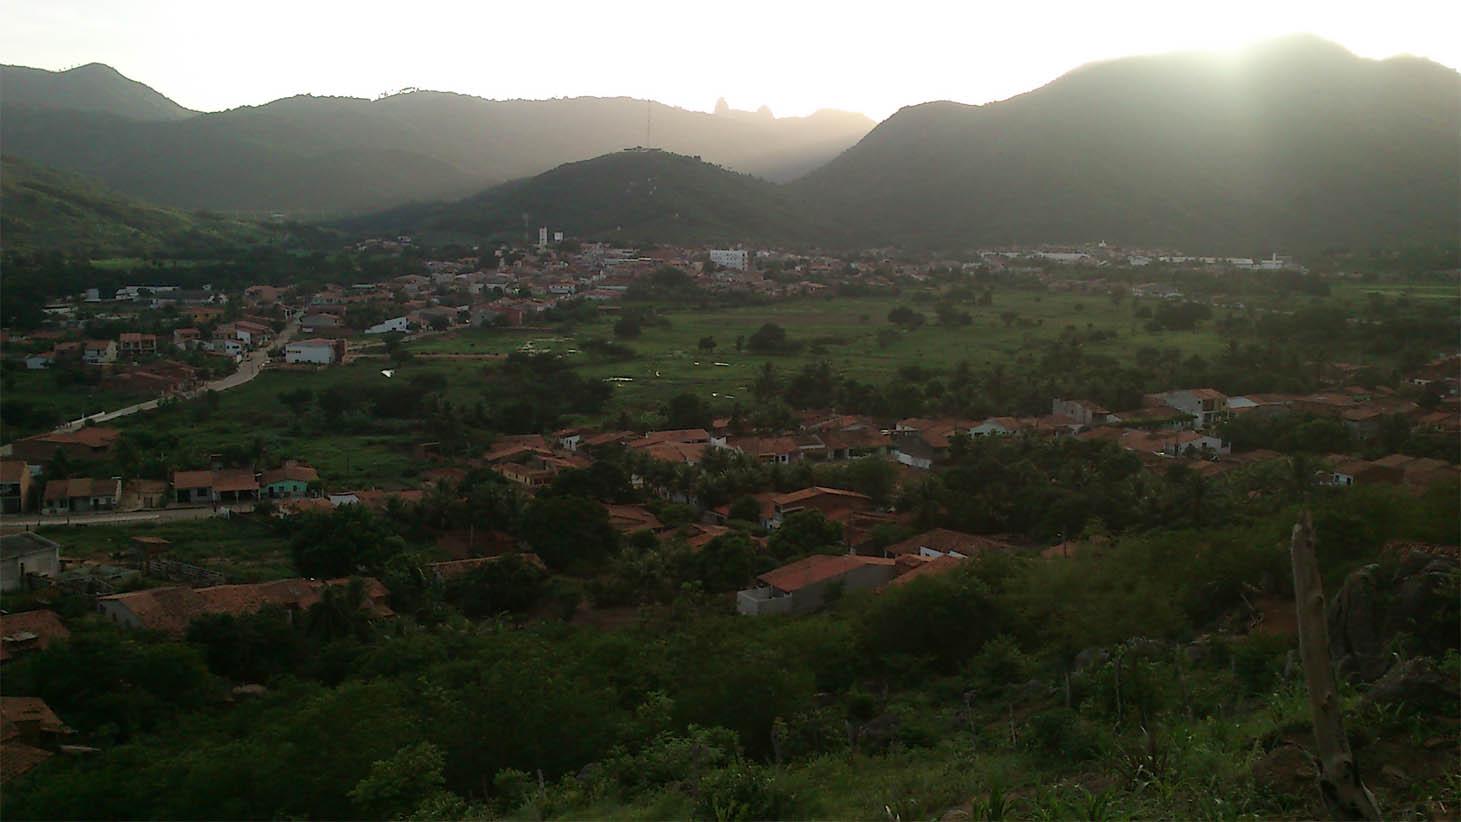 uruburetama-brasil